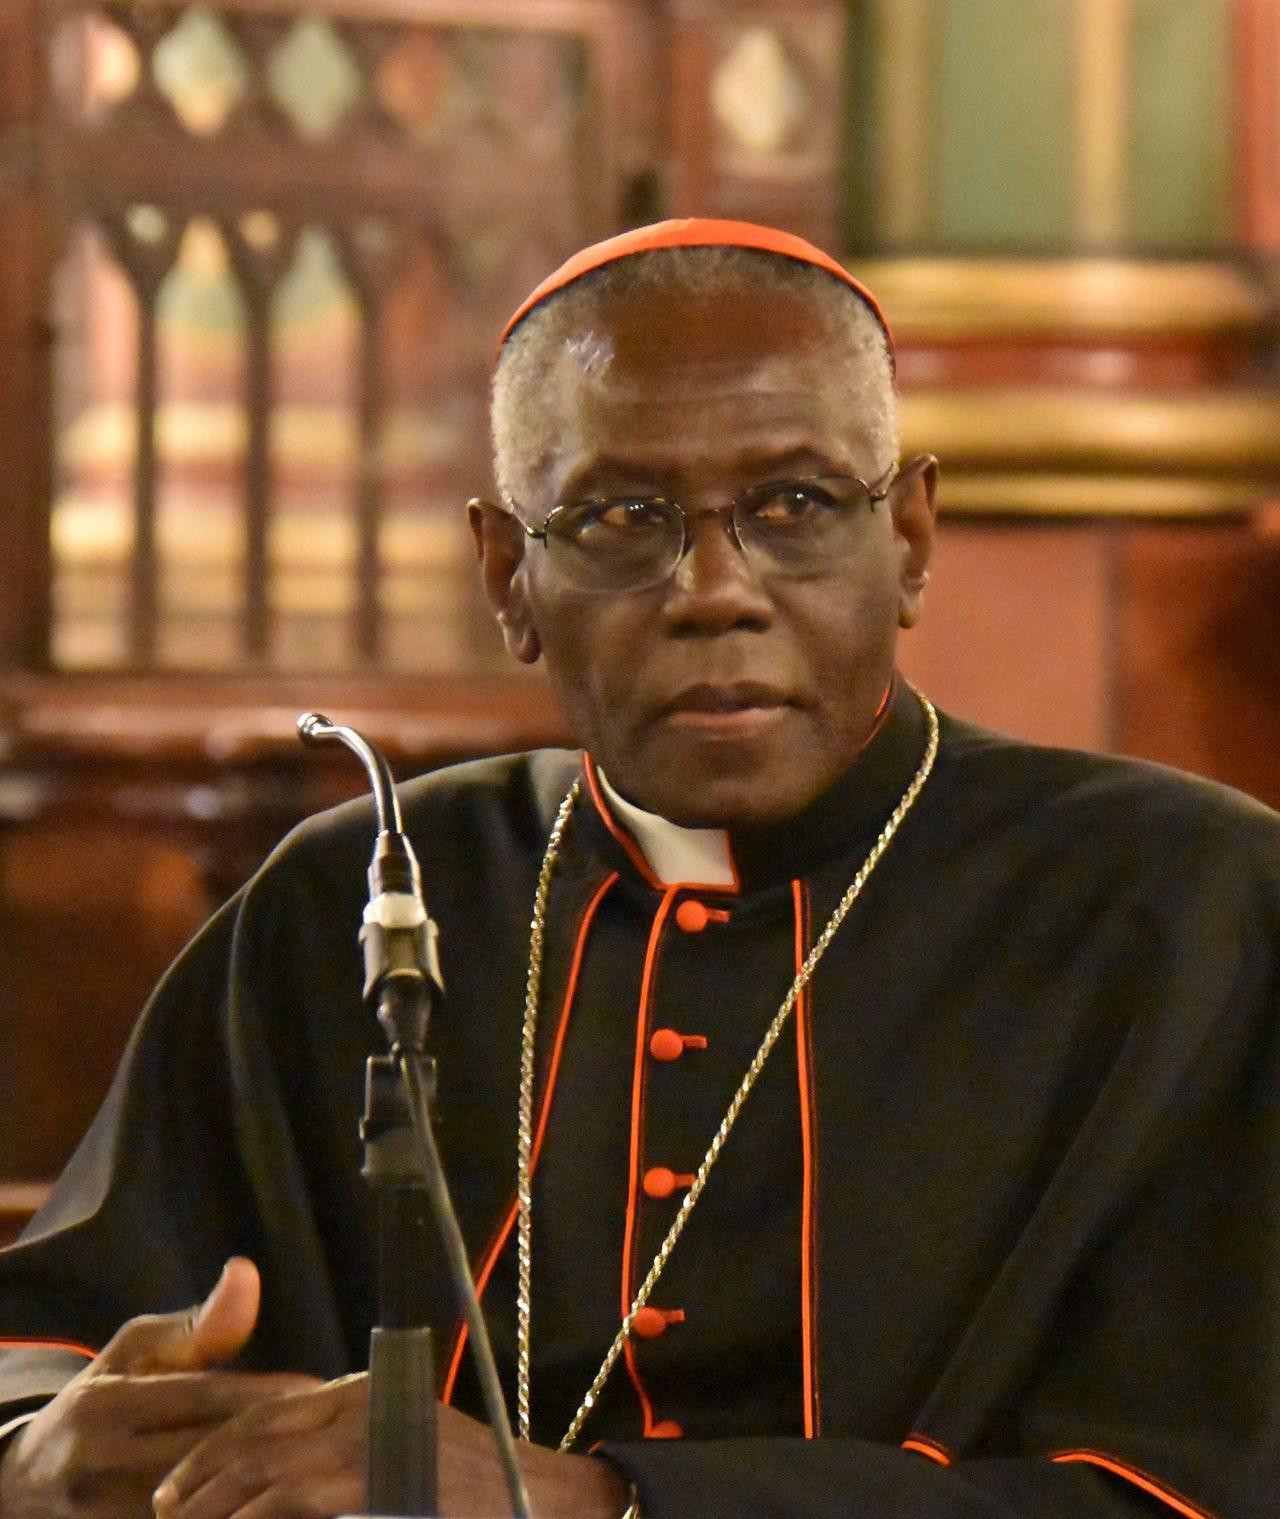 Cardinal Robert Sarah (cropped).JPG